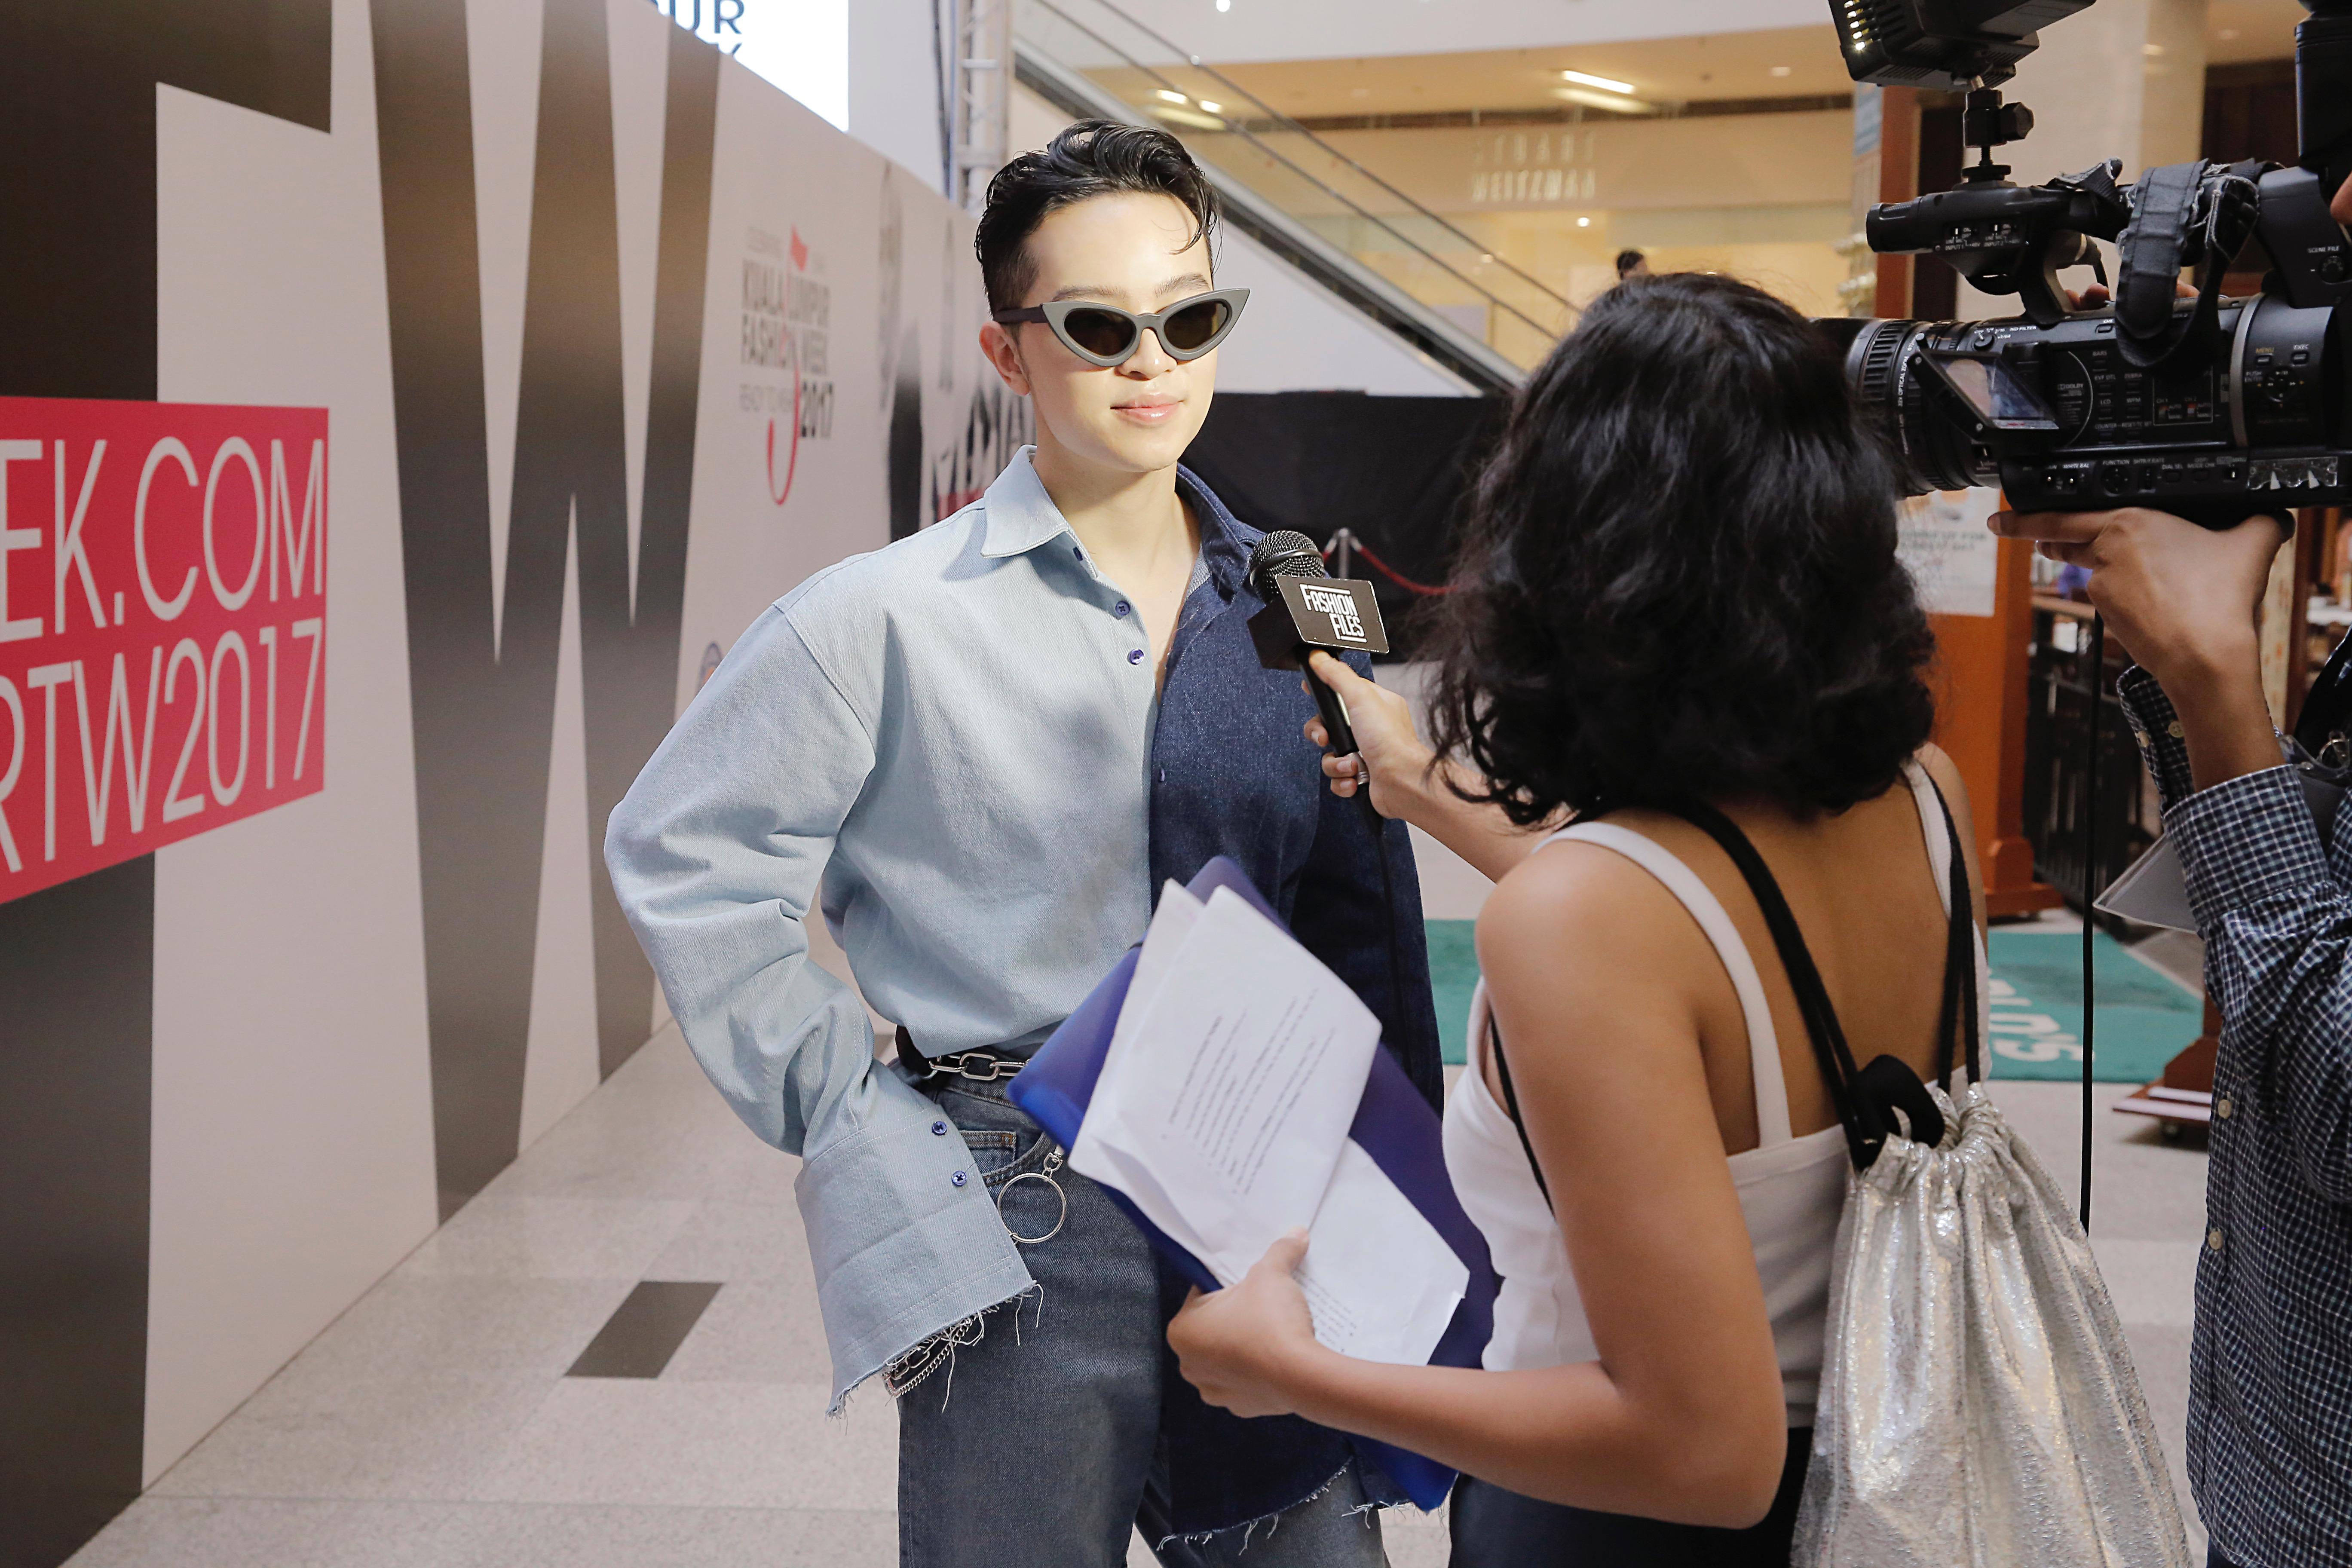 Lần đầu đến Malaysia dự fashion week, Kelbin Lei không ngờ giới trẻ ở đây biết rõ về mình - Ảnh 3.